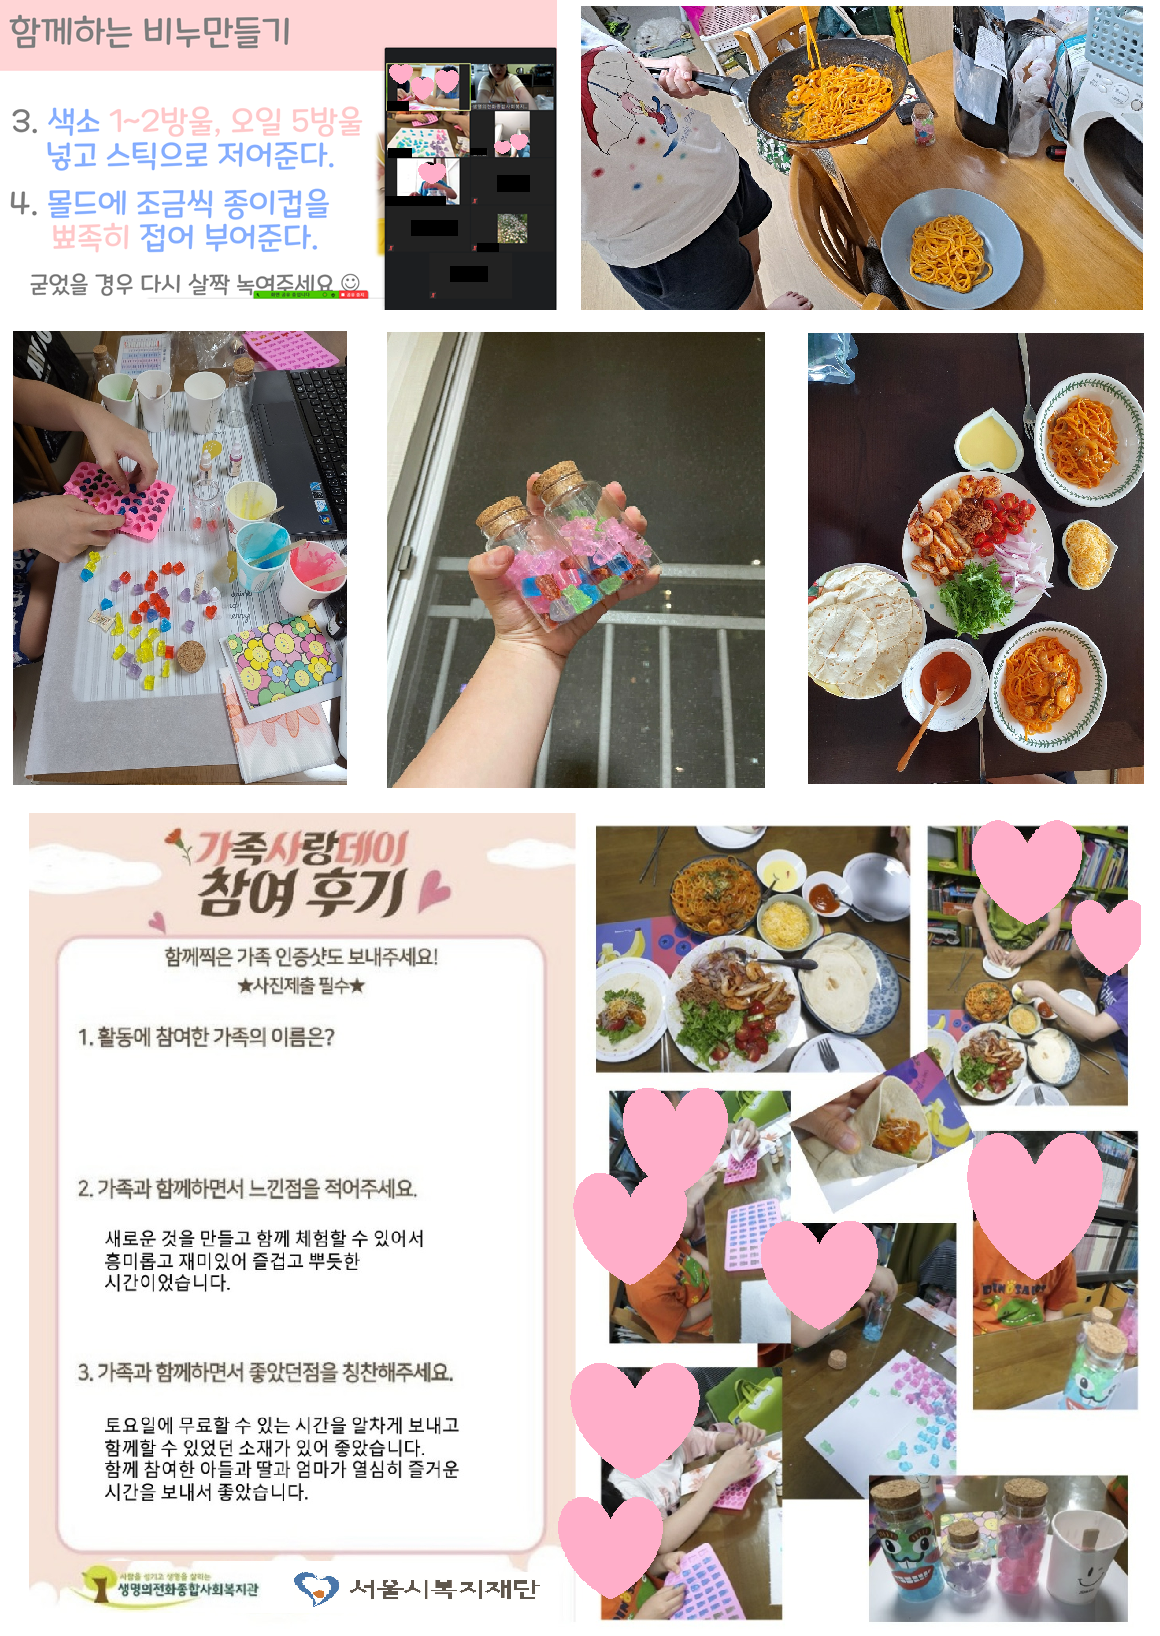 [마을사례관리] 서울형 자산형성지원사업 상반기 가족문화…